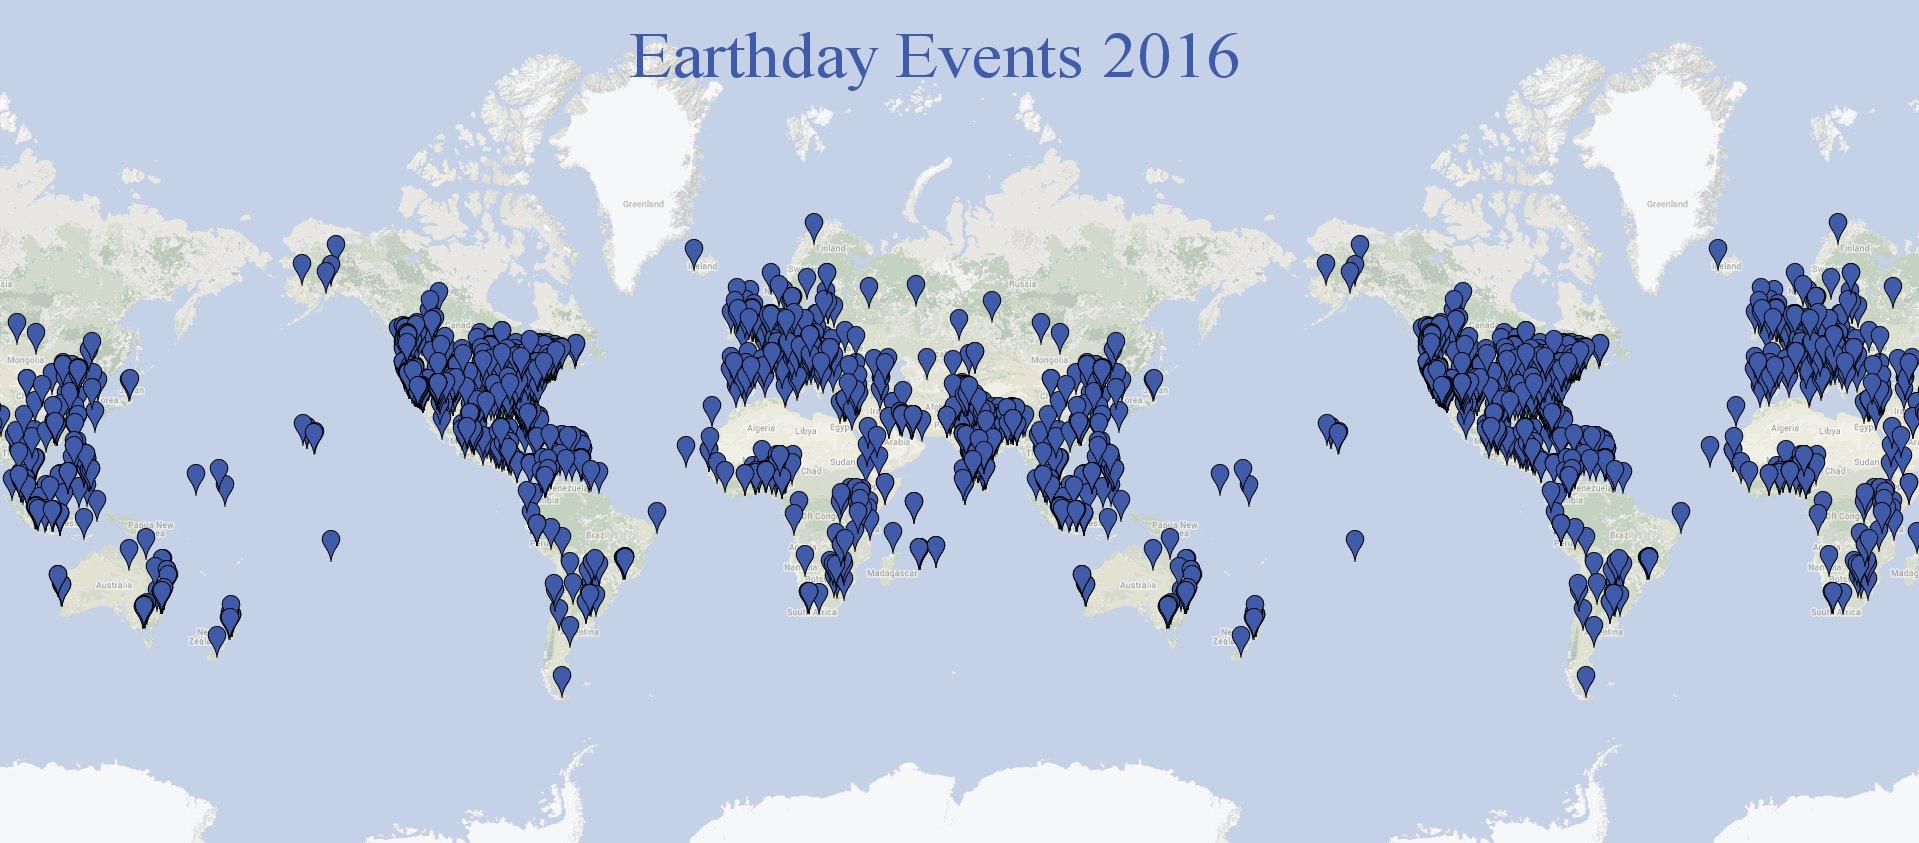 Earthday 2016